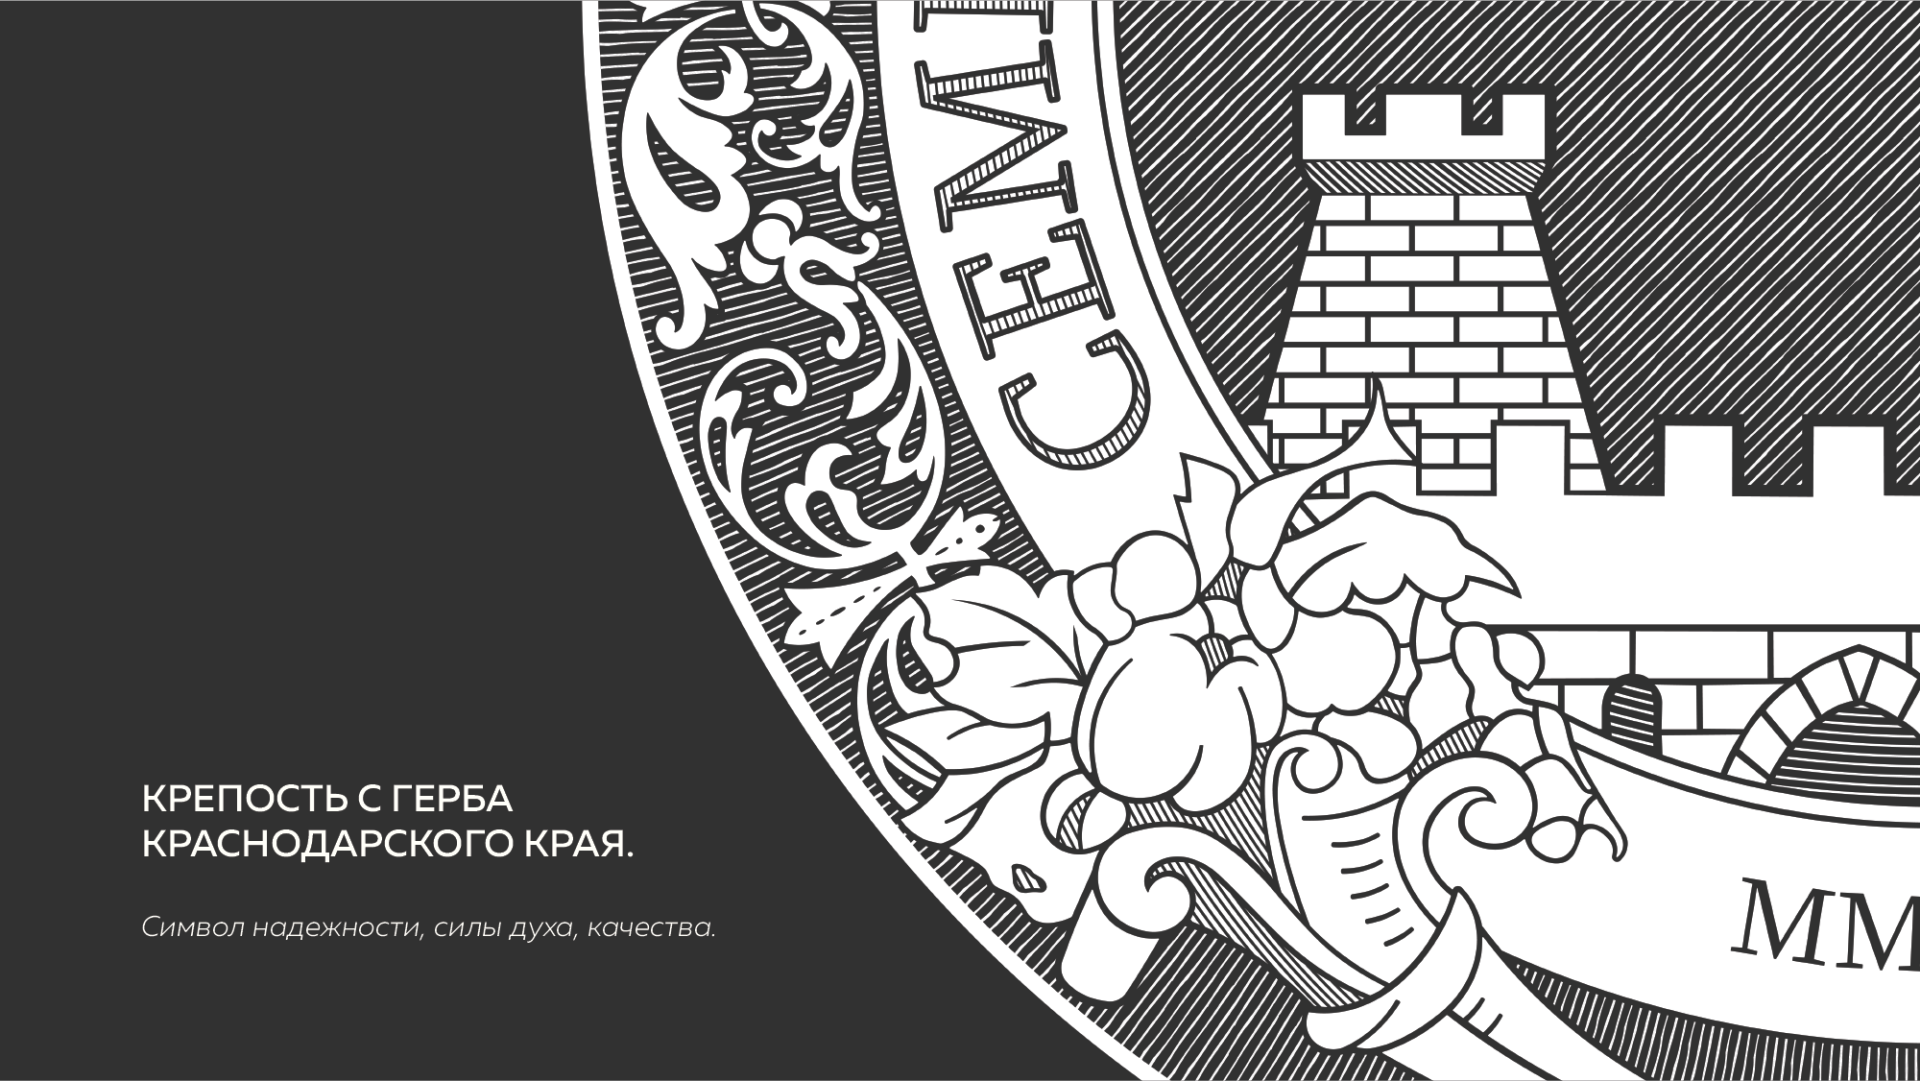 Семья ресторанов Родной кухни - HMS Brands - кейсы, брендинг - лого часть 3